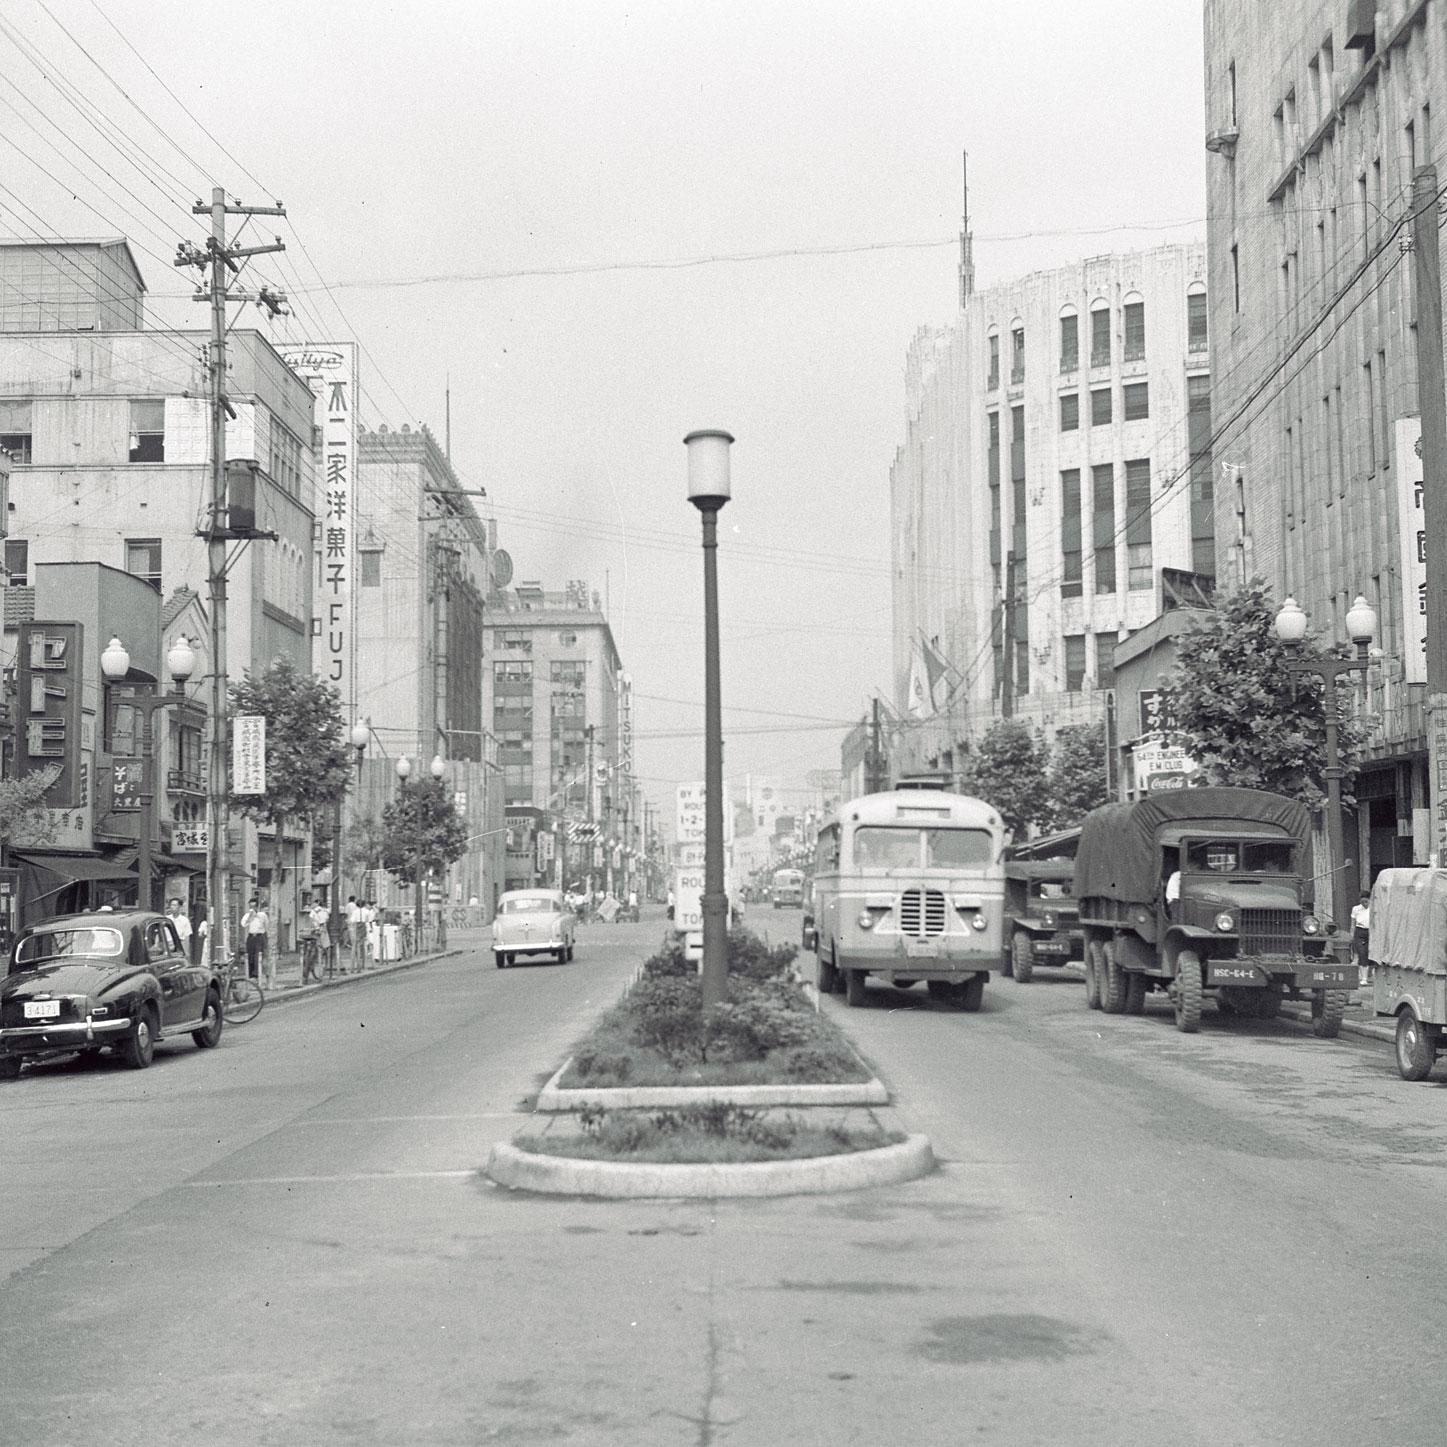 昭和26 1951 年 新宿区史年表